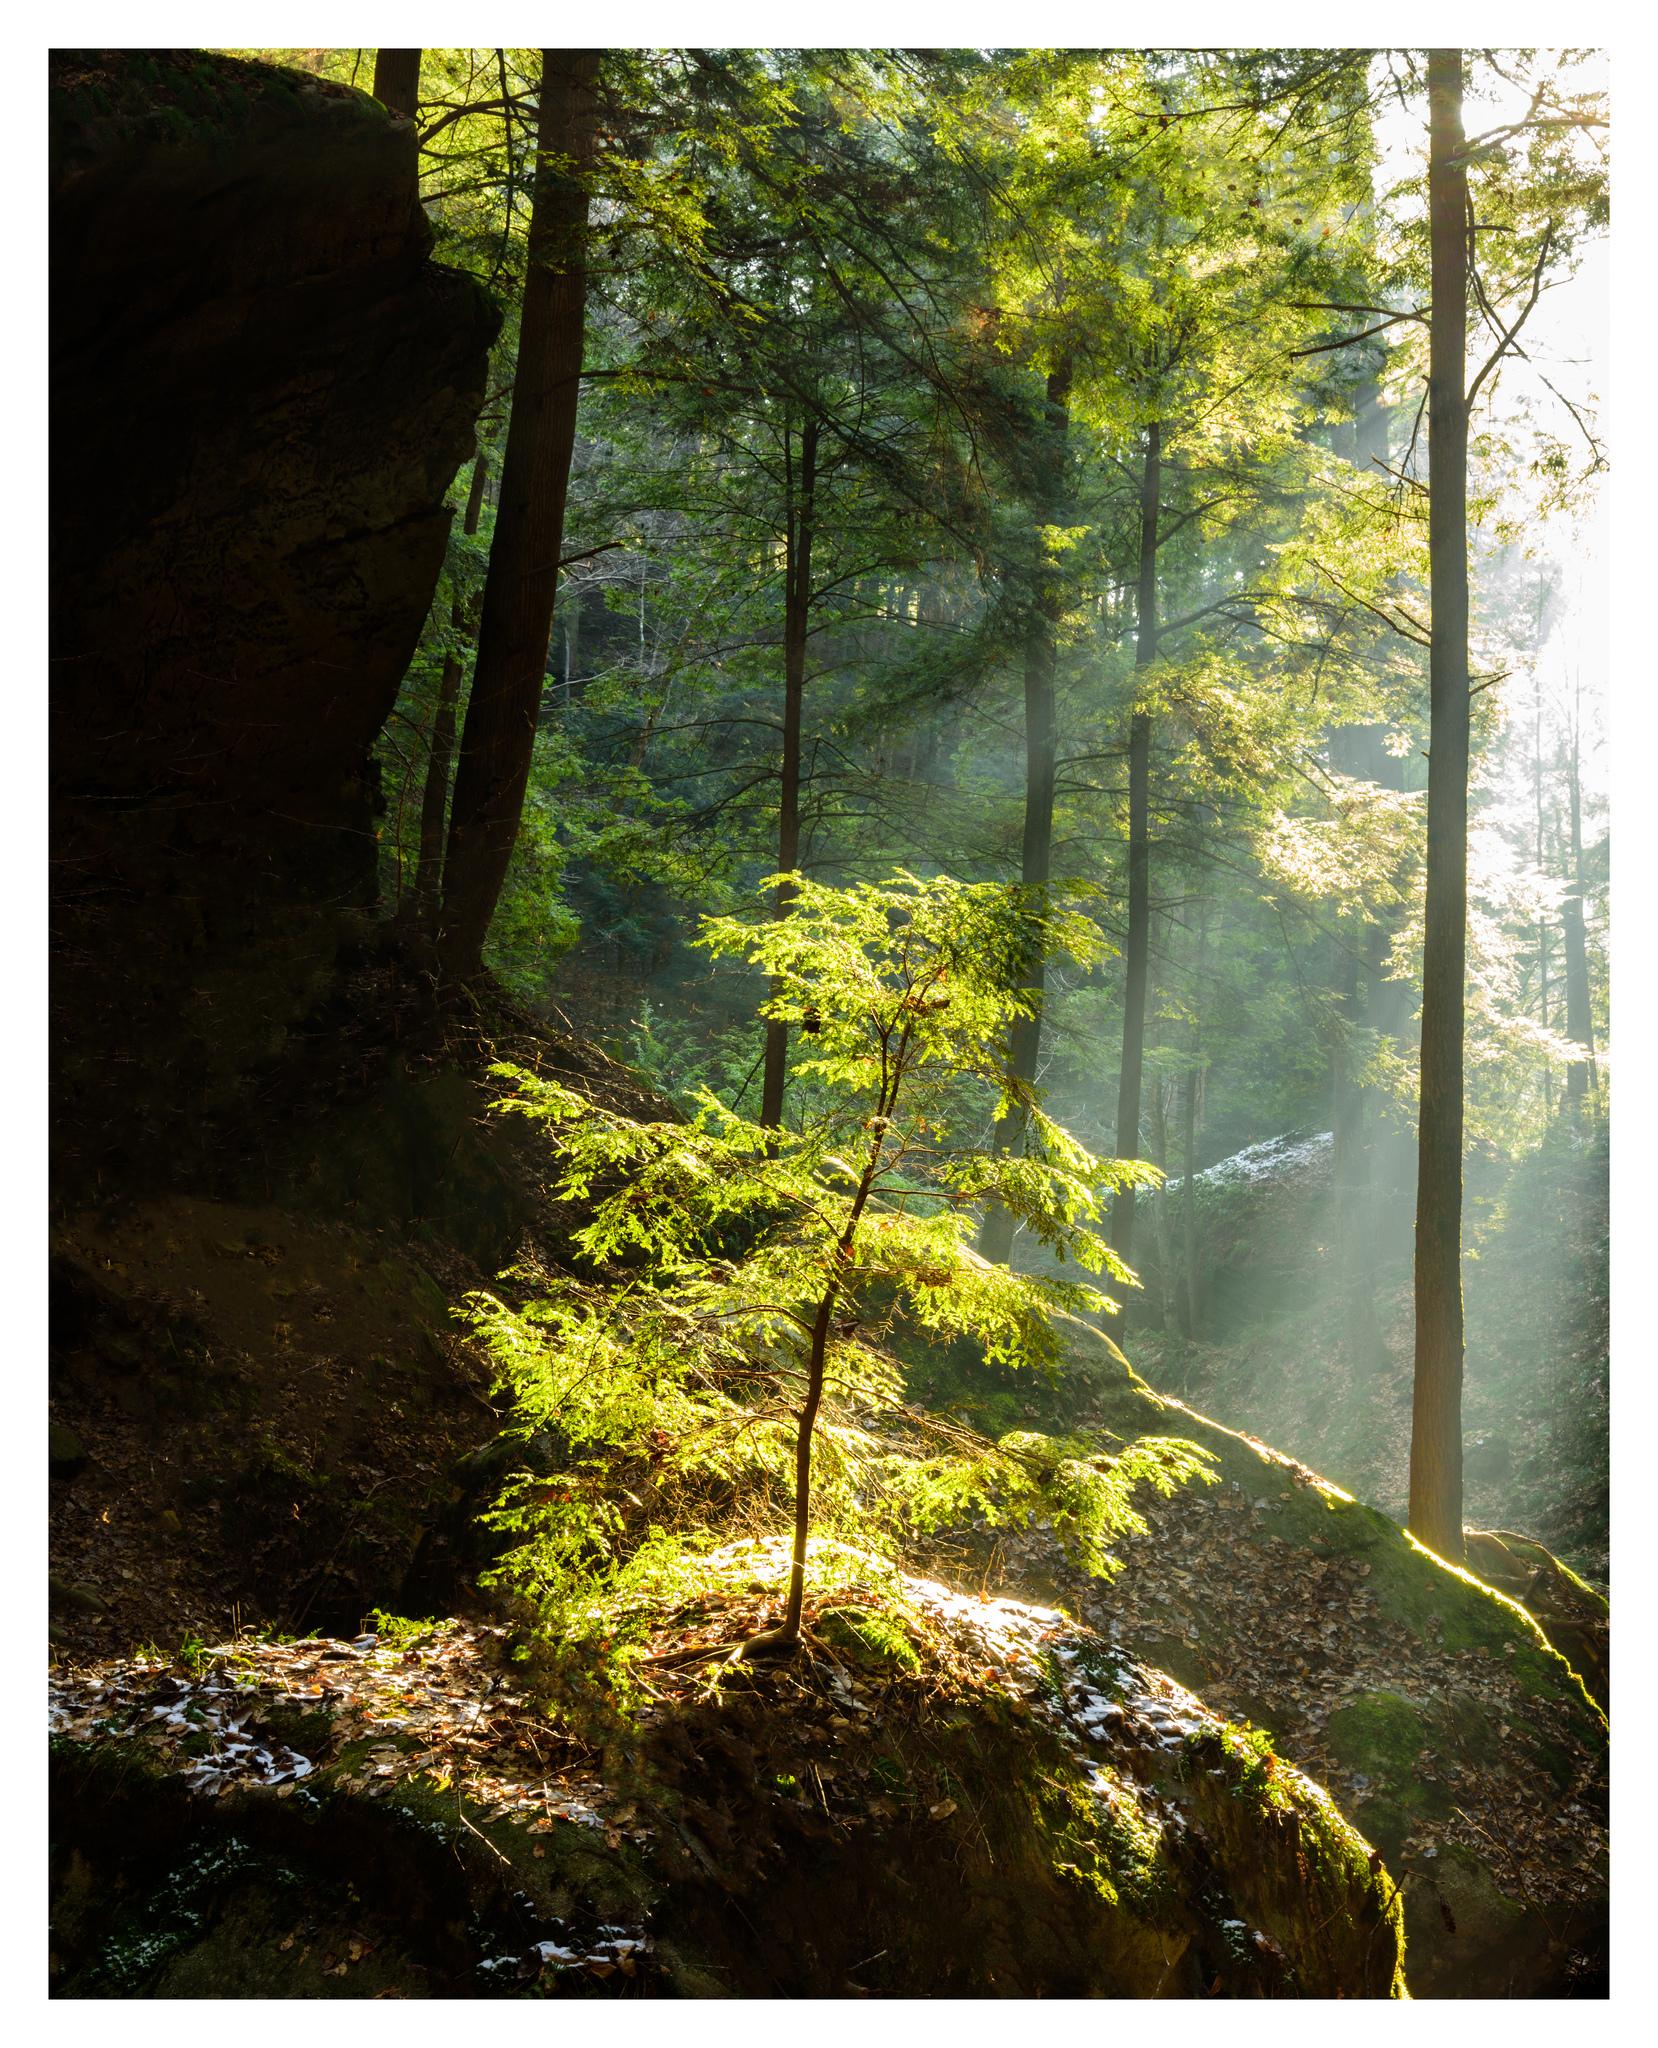 Illuminated Hemlock Sapling - Nikon D750